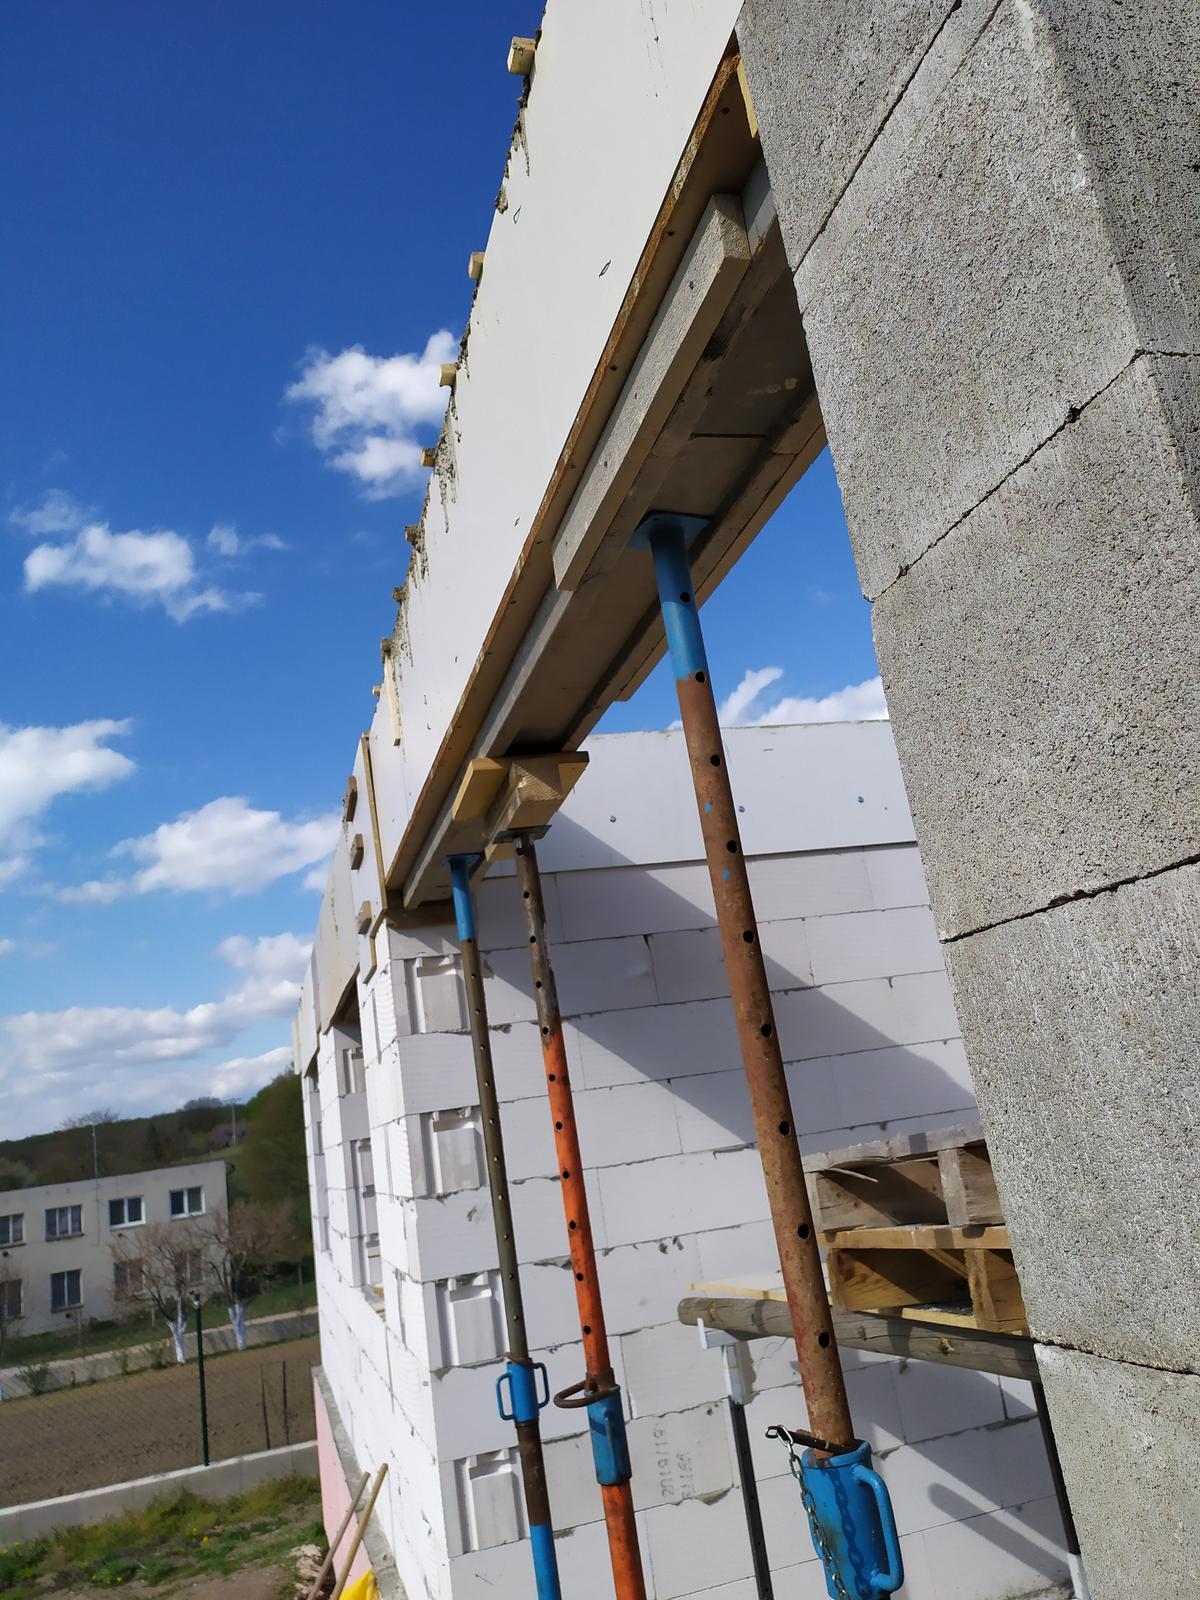 Stavba domu - Svojpomocne 🏠 - Obrázok č. 76